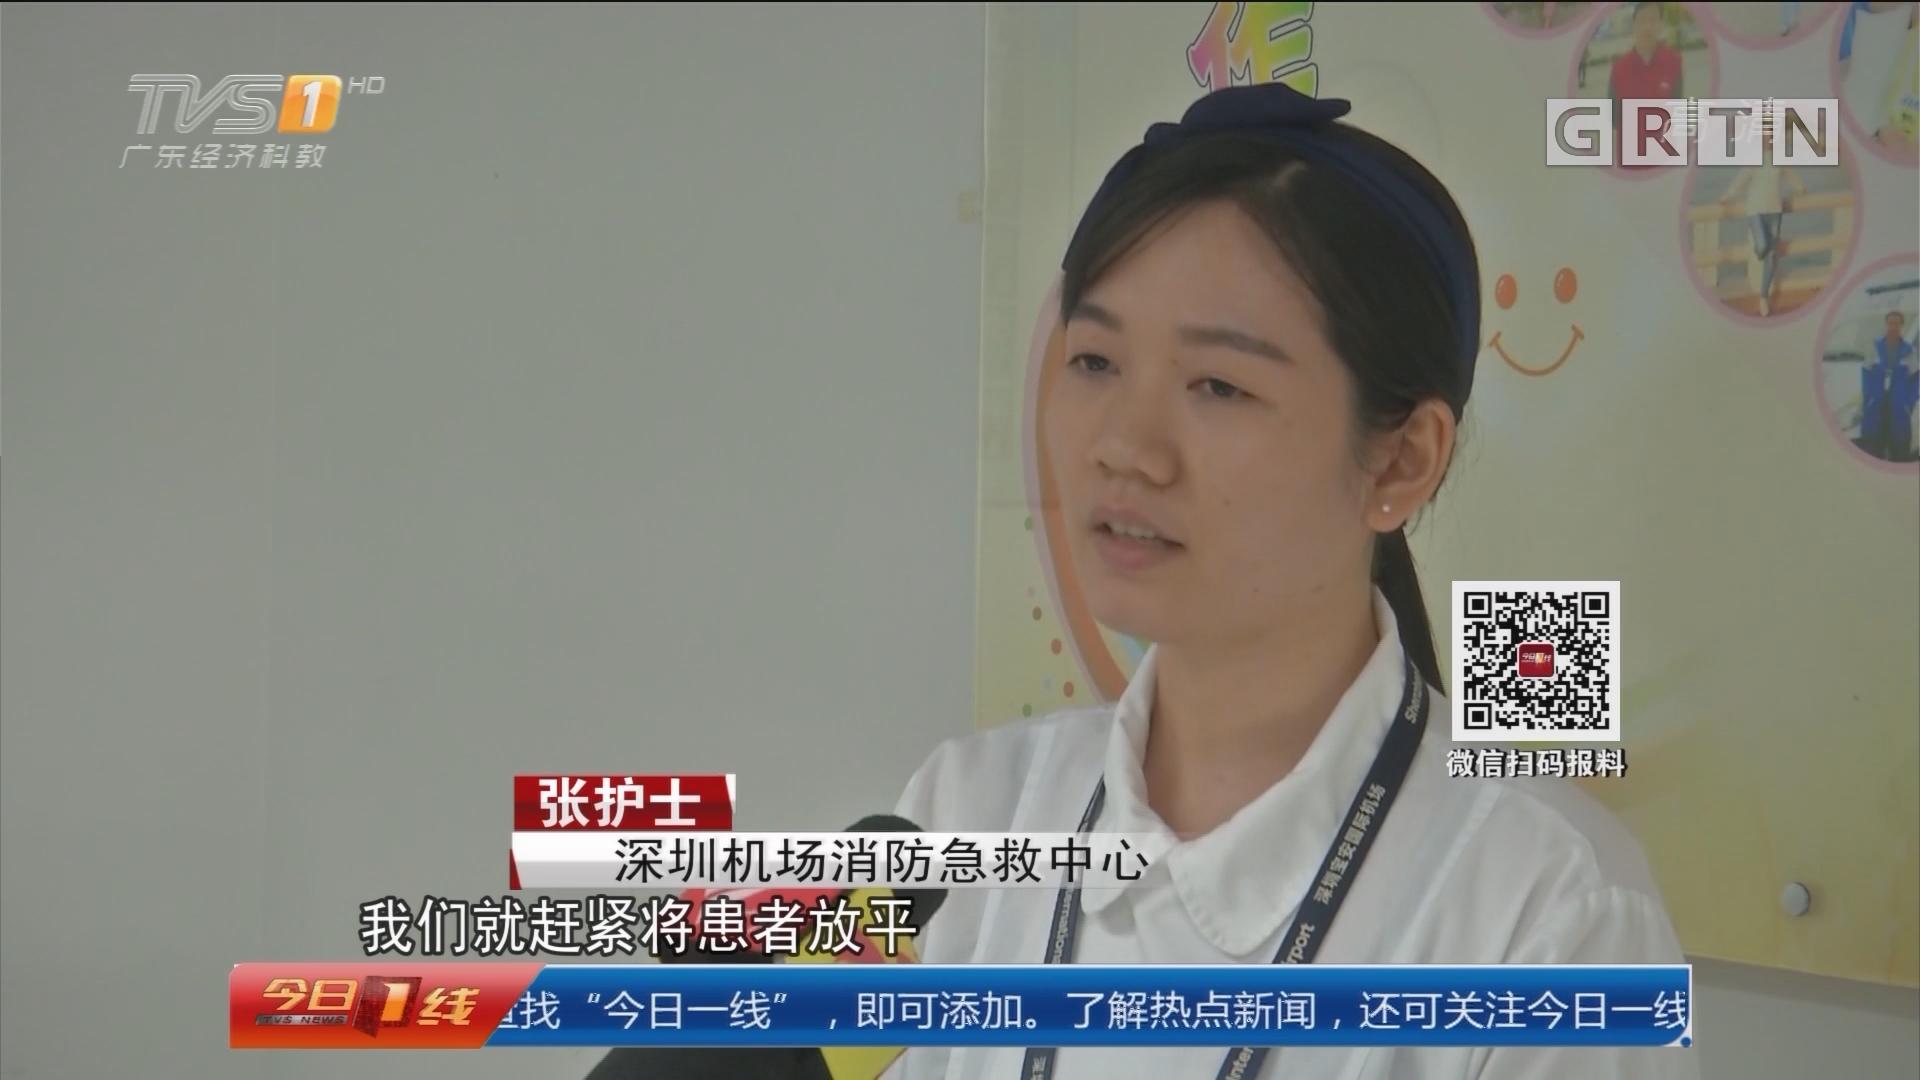 深圳宝安国际机场:乘客突发心脏病 机场工作人员急救援